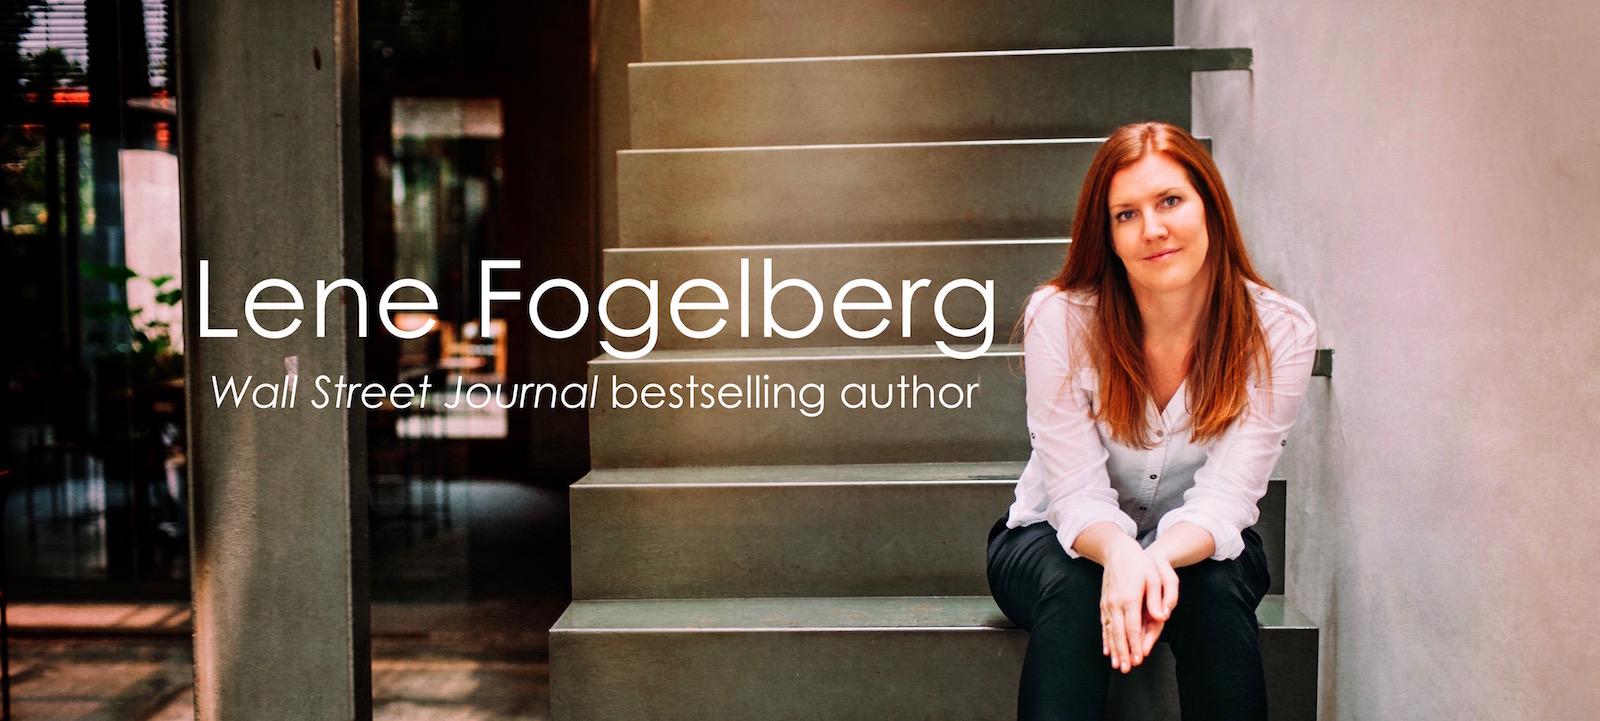 Lene Fogelberg